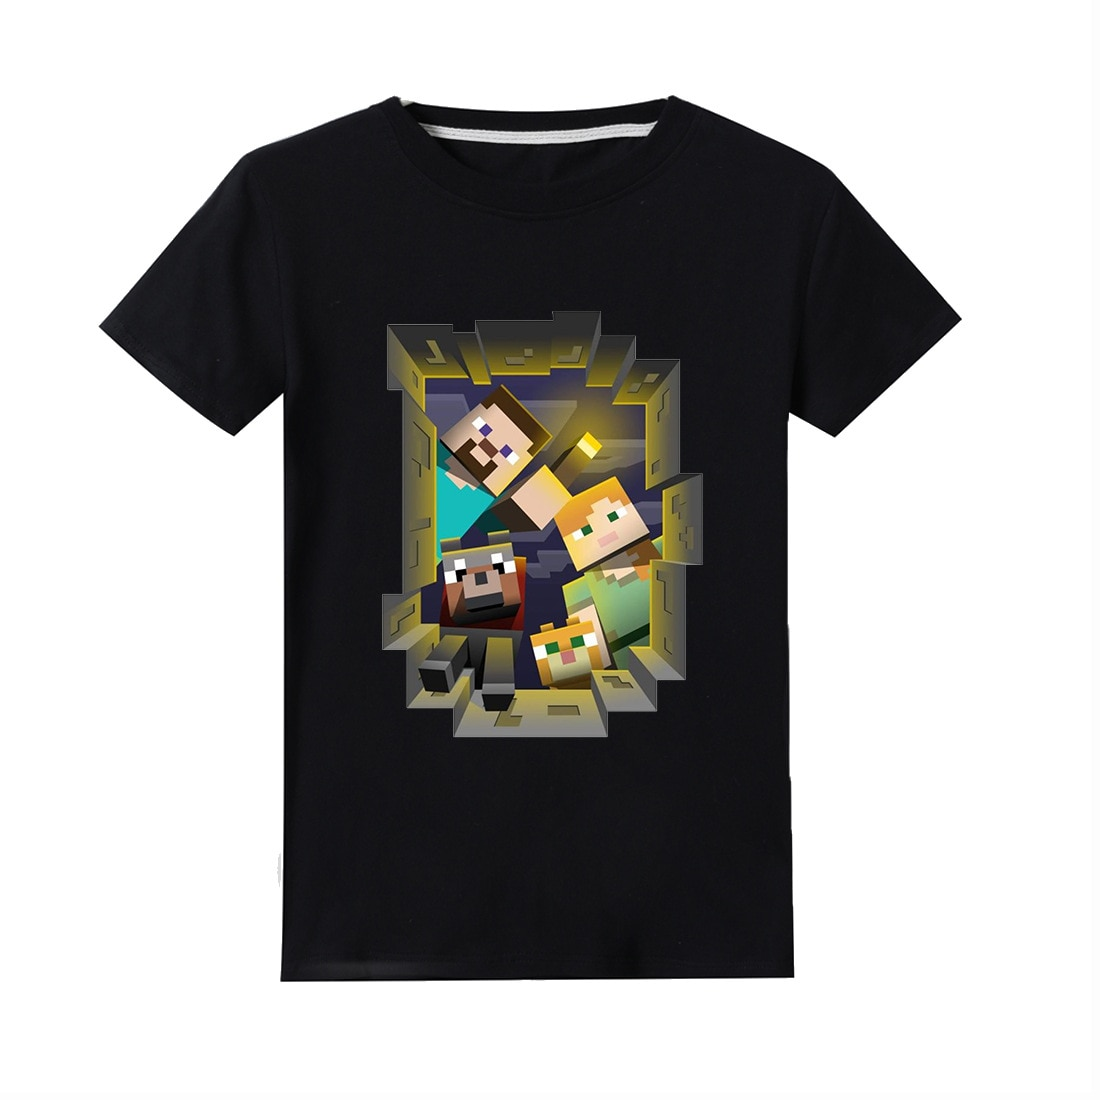 Vestido 2020 nuevo éxito Minecrafters mecontrote camiseta Camiseta de manga corta para niño pequeño niños Sudadera con capucha ropa niños niñas Negro camisetas o-cuello